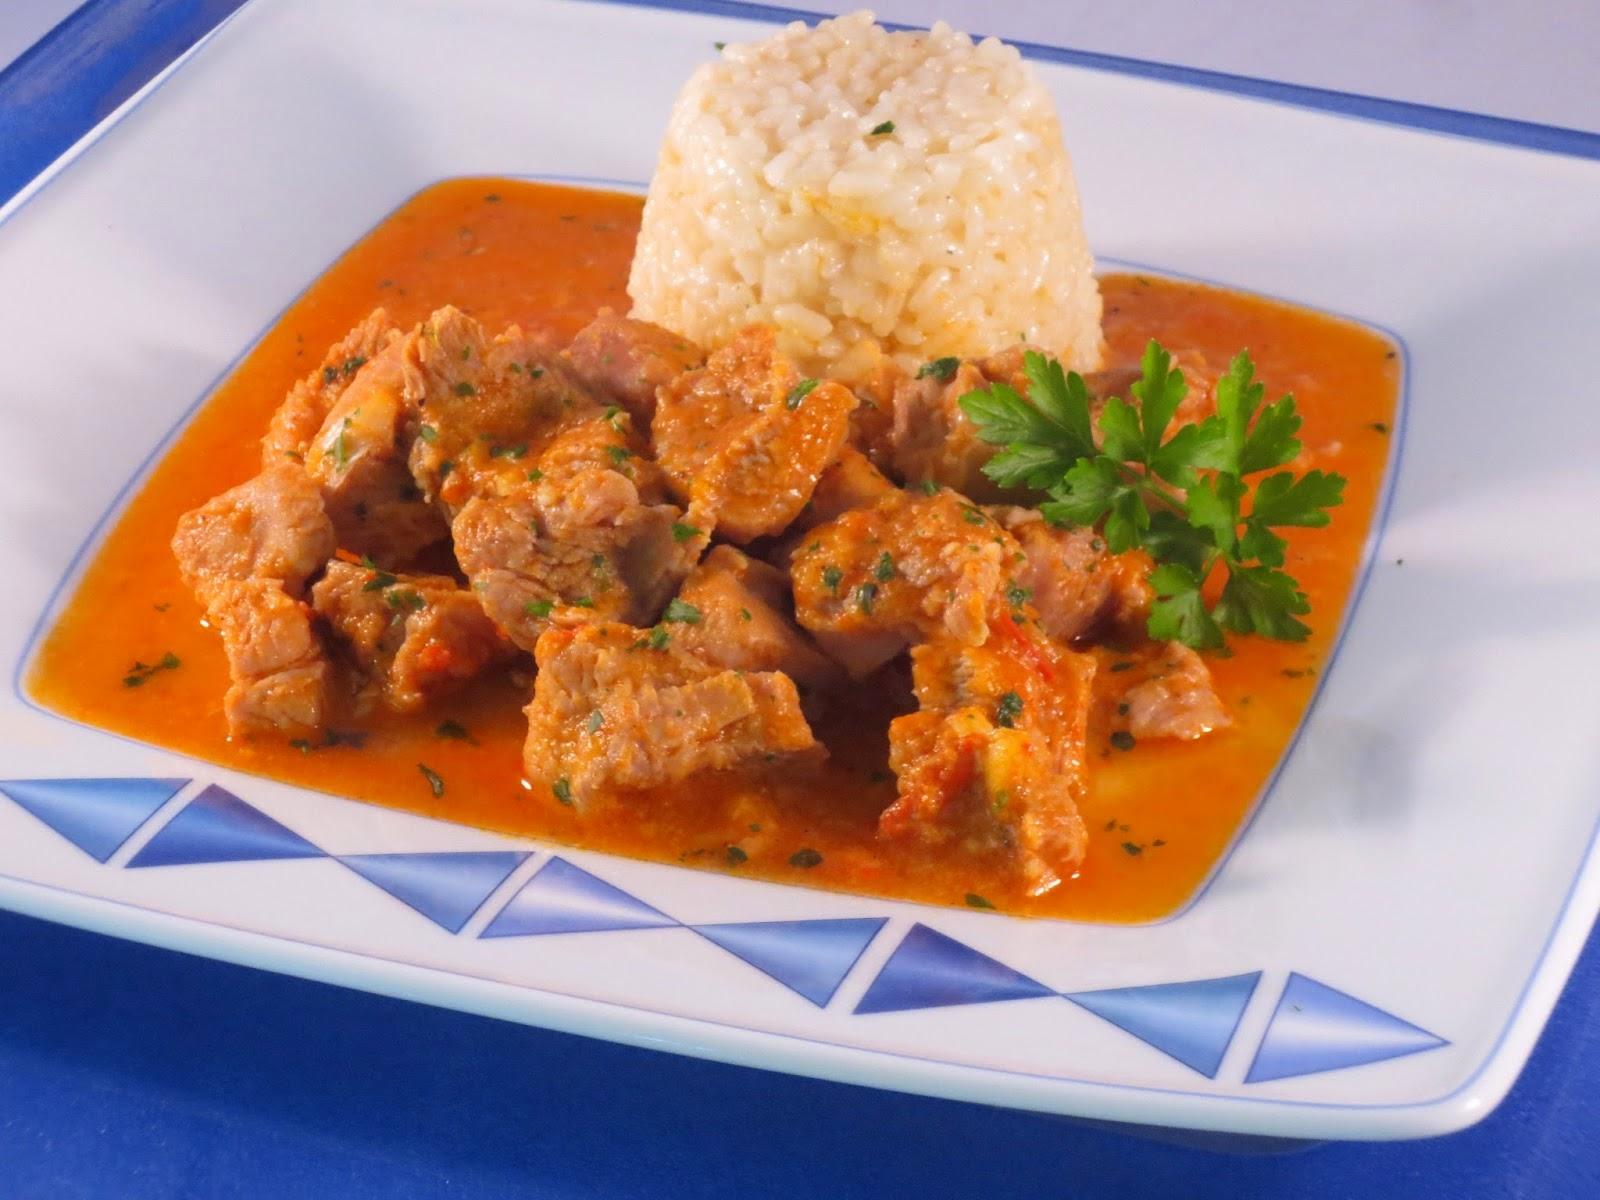 Pavo guisado en salsa de verduras Ana Sevilla cocina tradicional